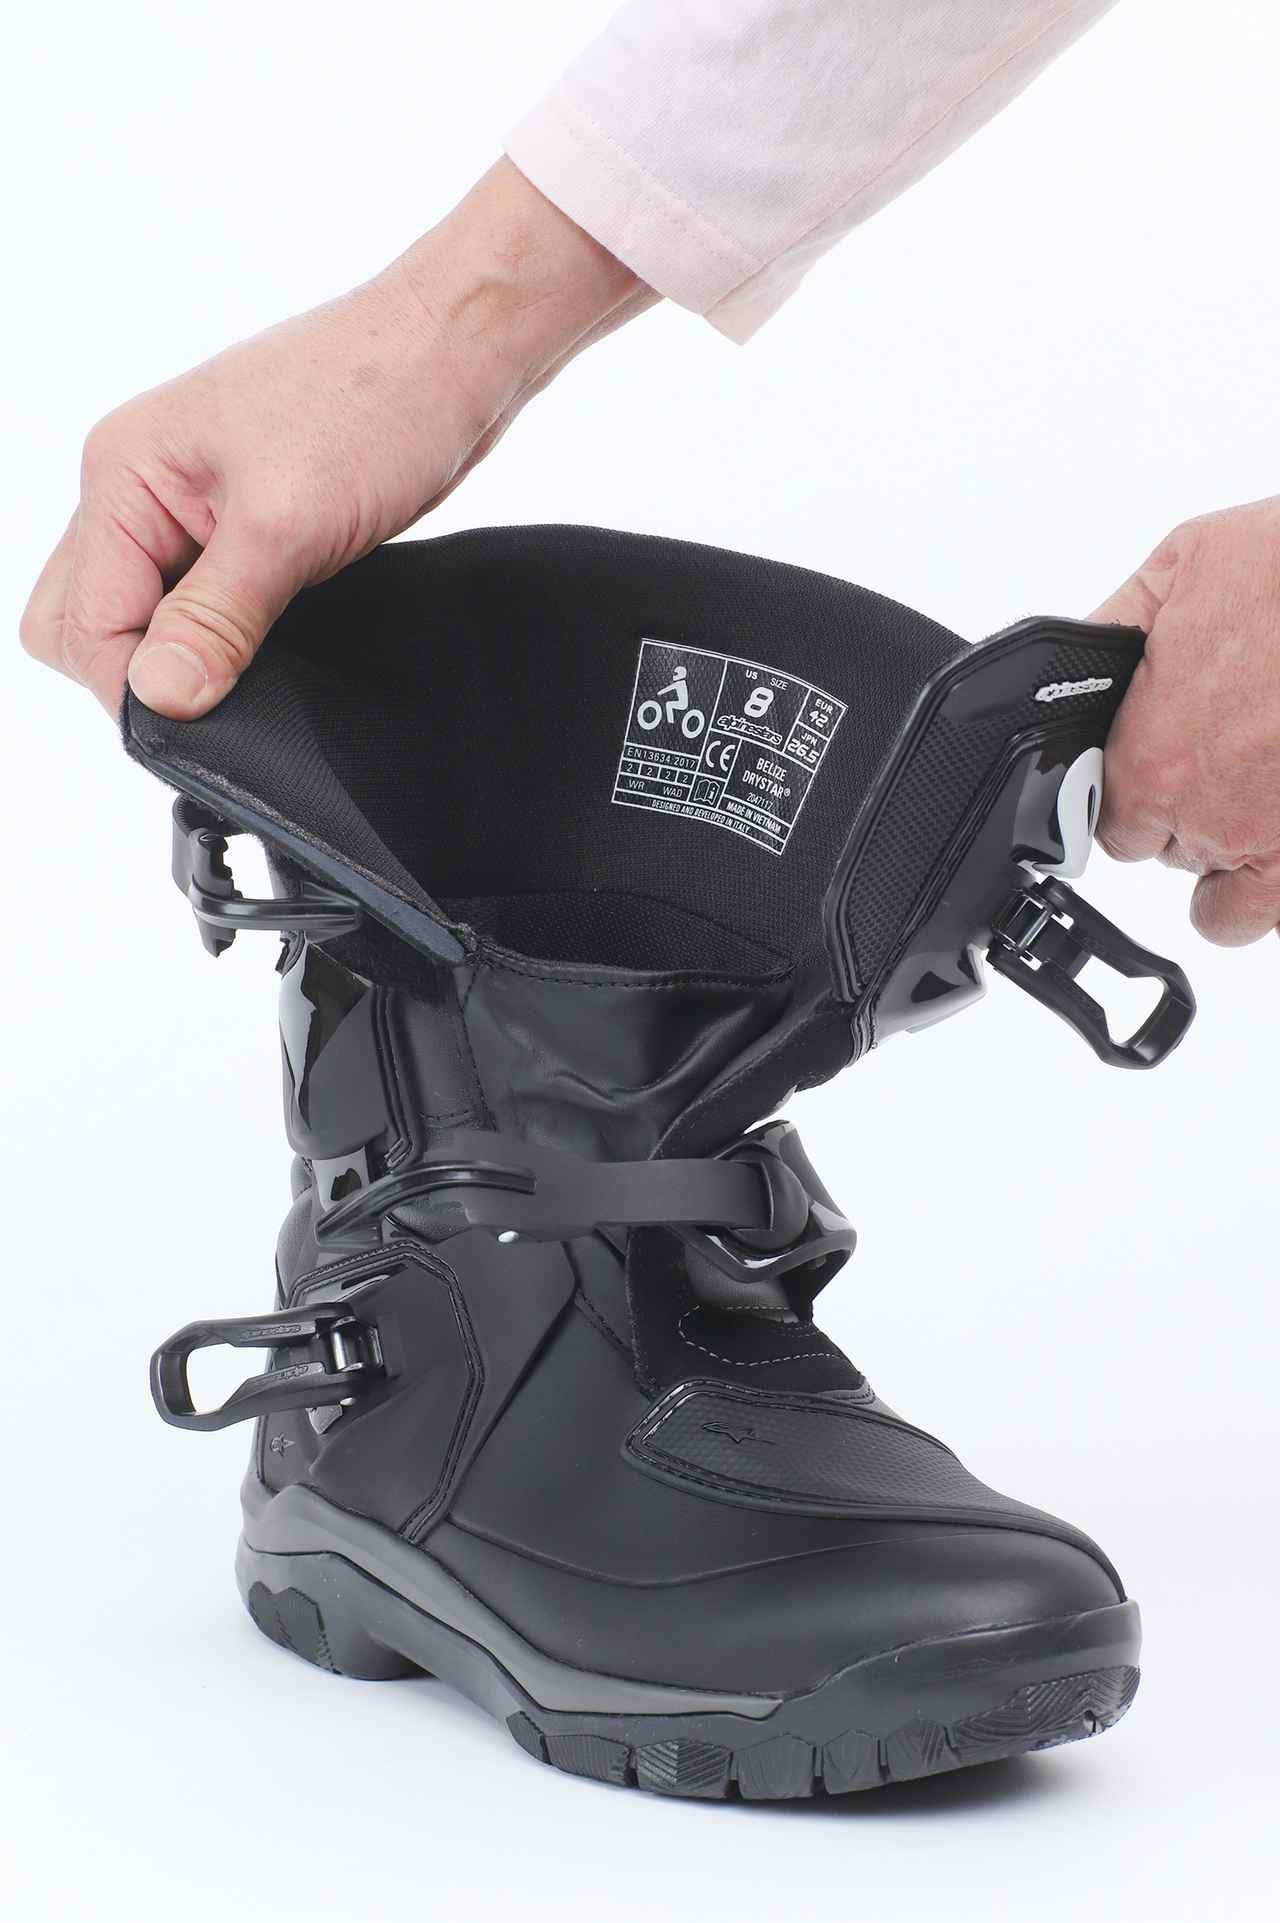 Images : 4番目の画像 - 「全天候型でしかも歩きやすい! アドベンチャー・ツーリングにちょうどいいアルパインスターズ「ベリーズ ドライスター ブーツ」」のアルバム - webオートバイ